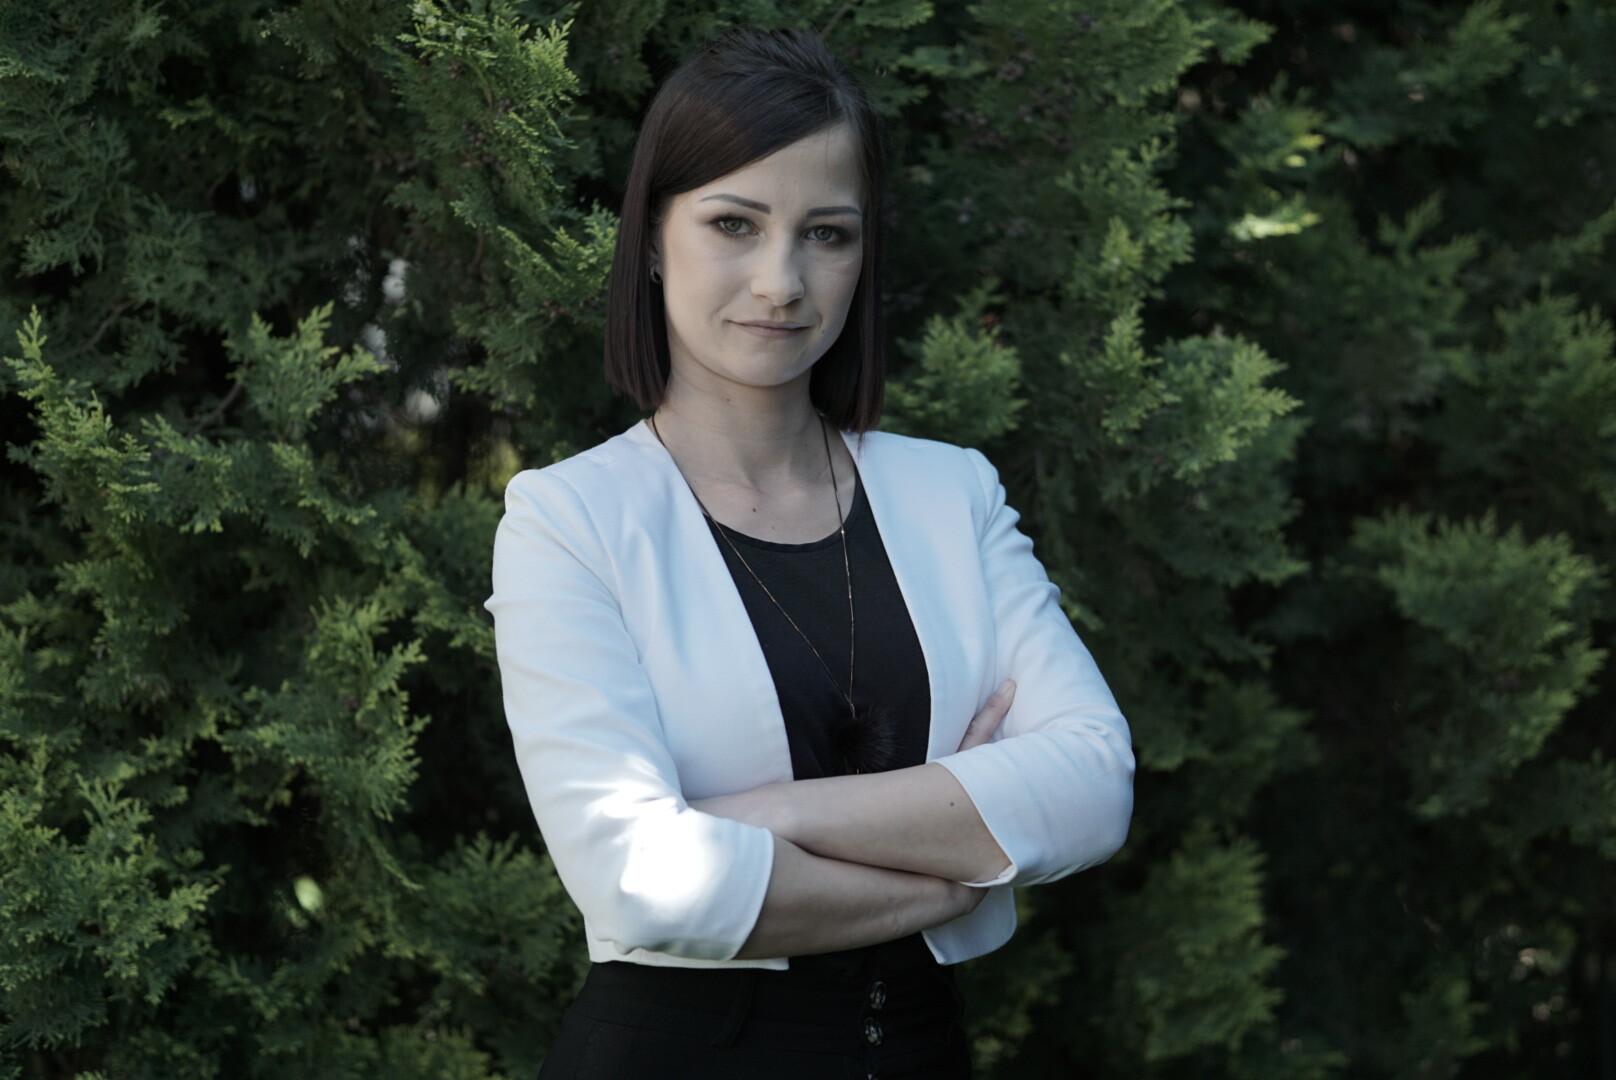 Natalia Kudelska